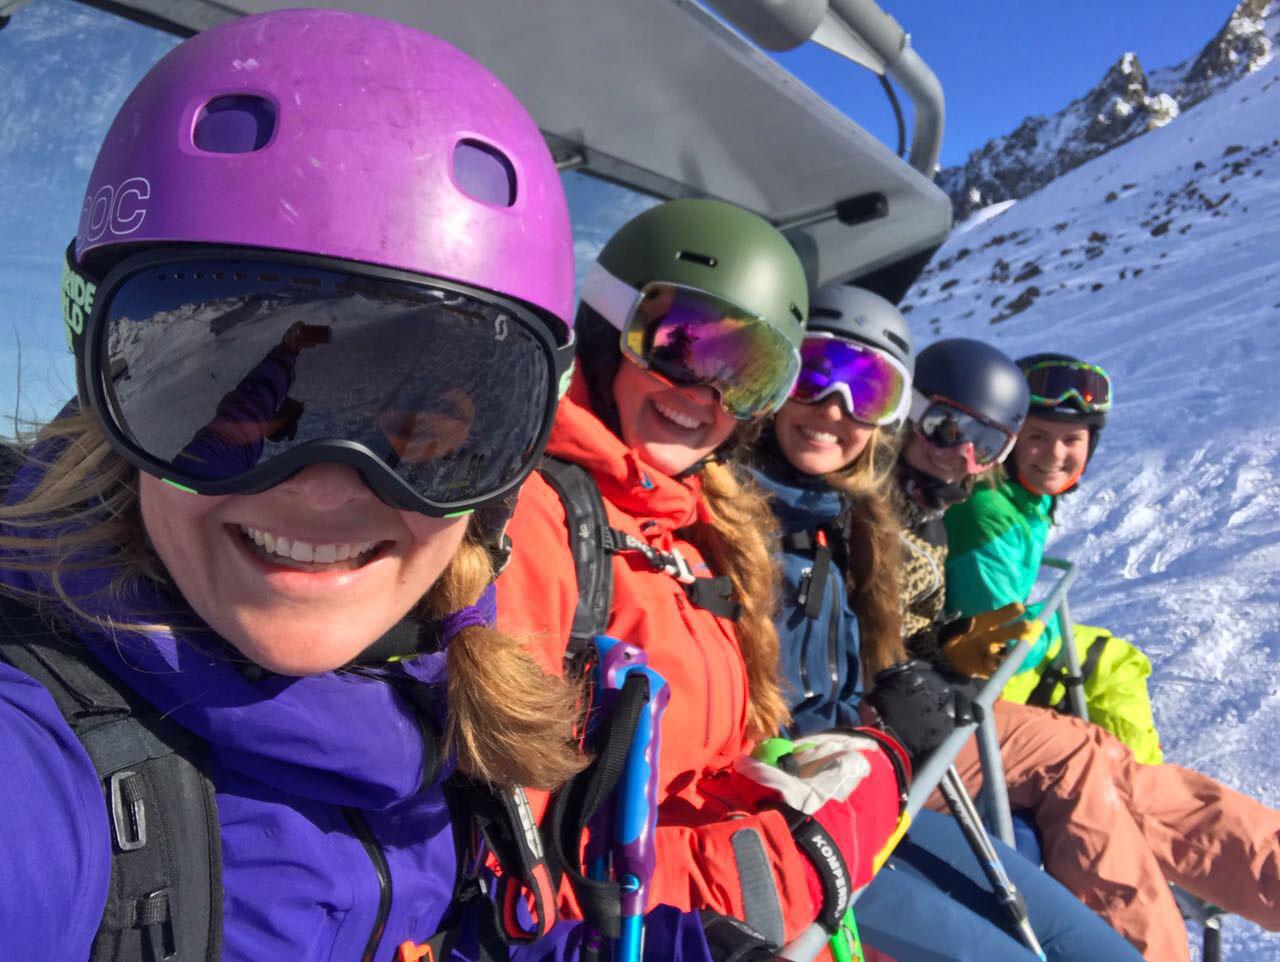 munich-mountain-girls-skifahren-flixbus-3-flixaufdiepiste-stubaier-gletscher